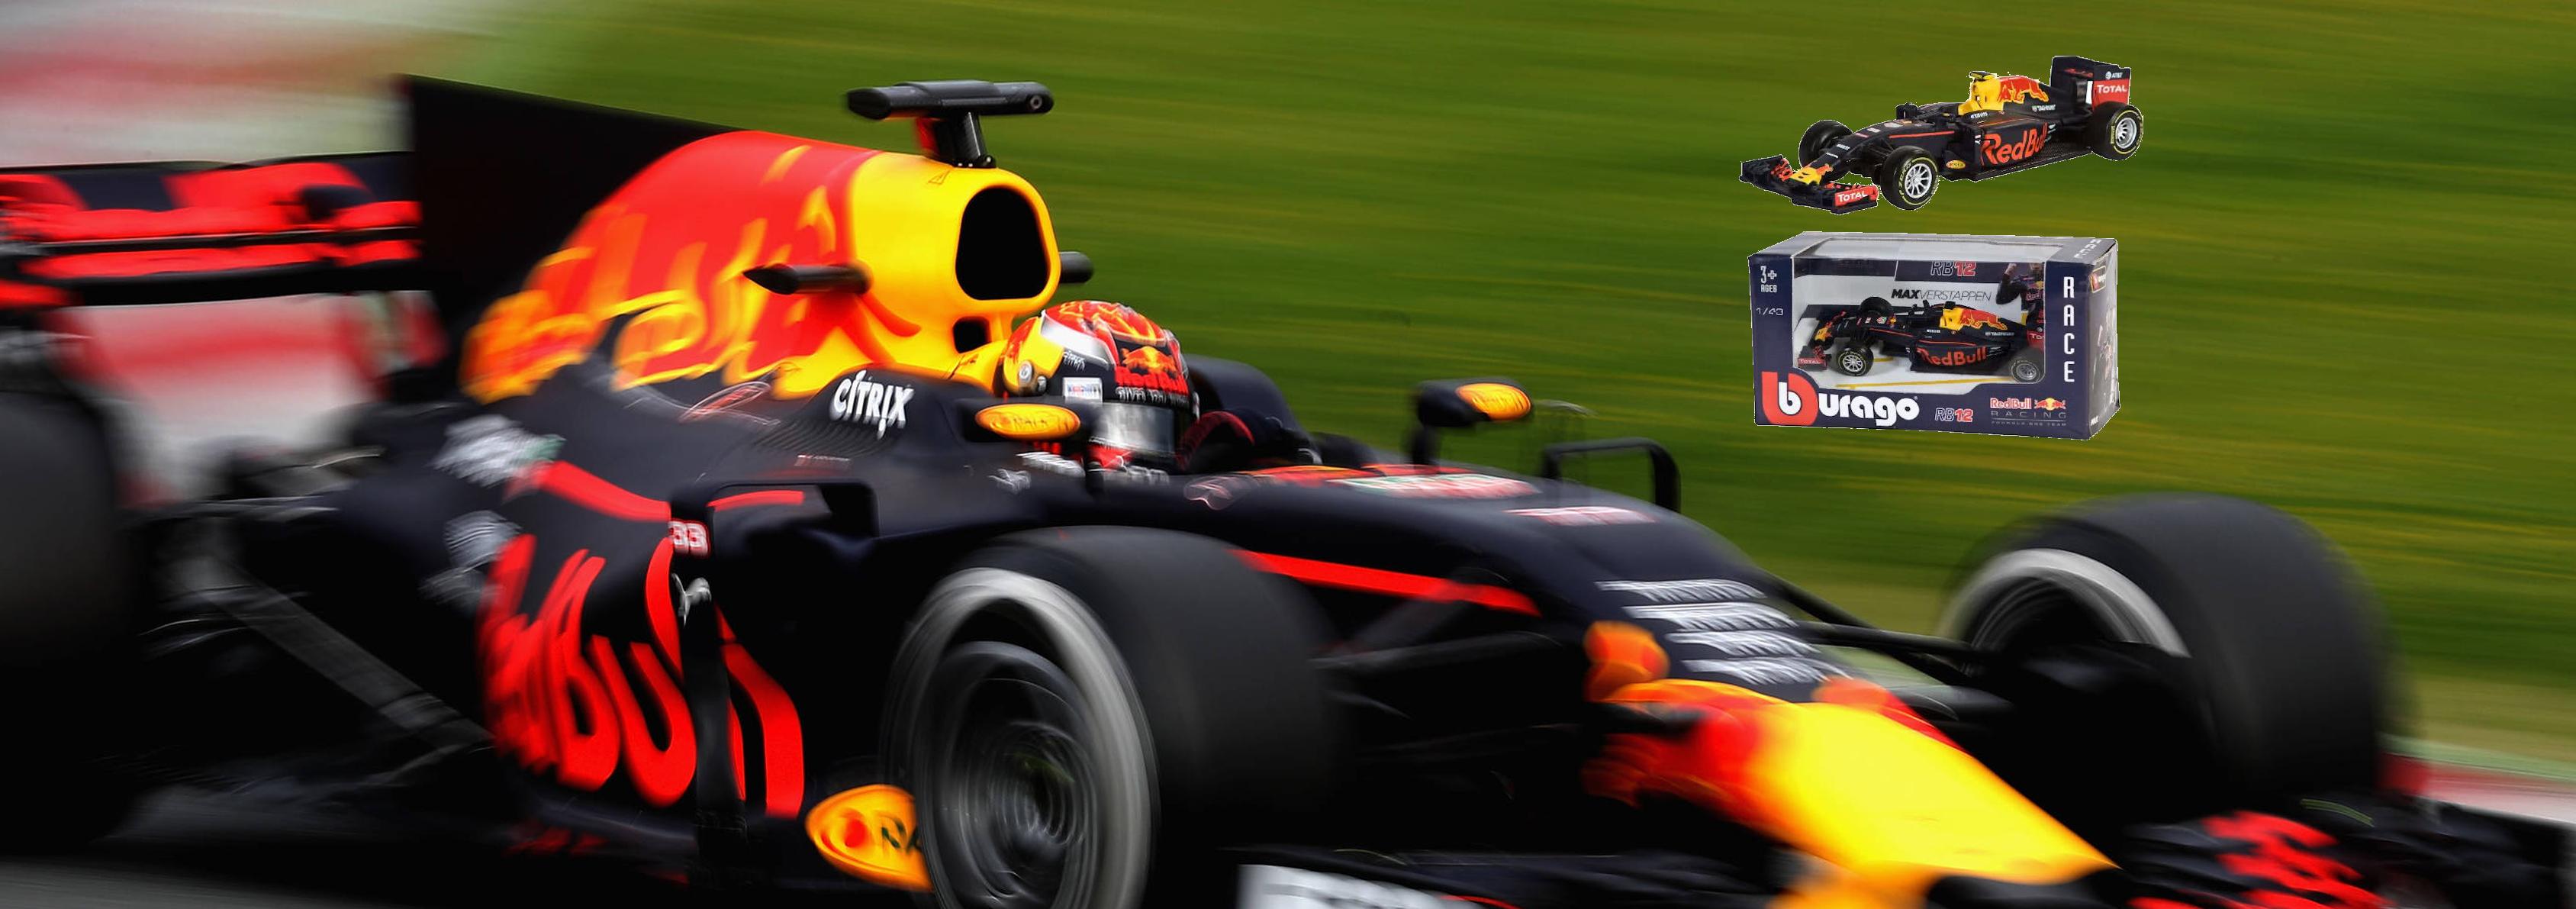 Schaalmodel F1 Max Verstappen nu verkrijgbaar bij Bretex Retail!